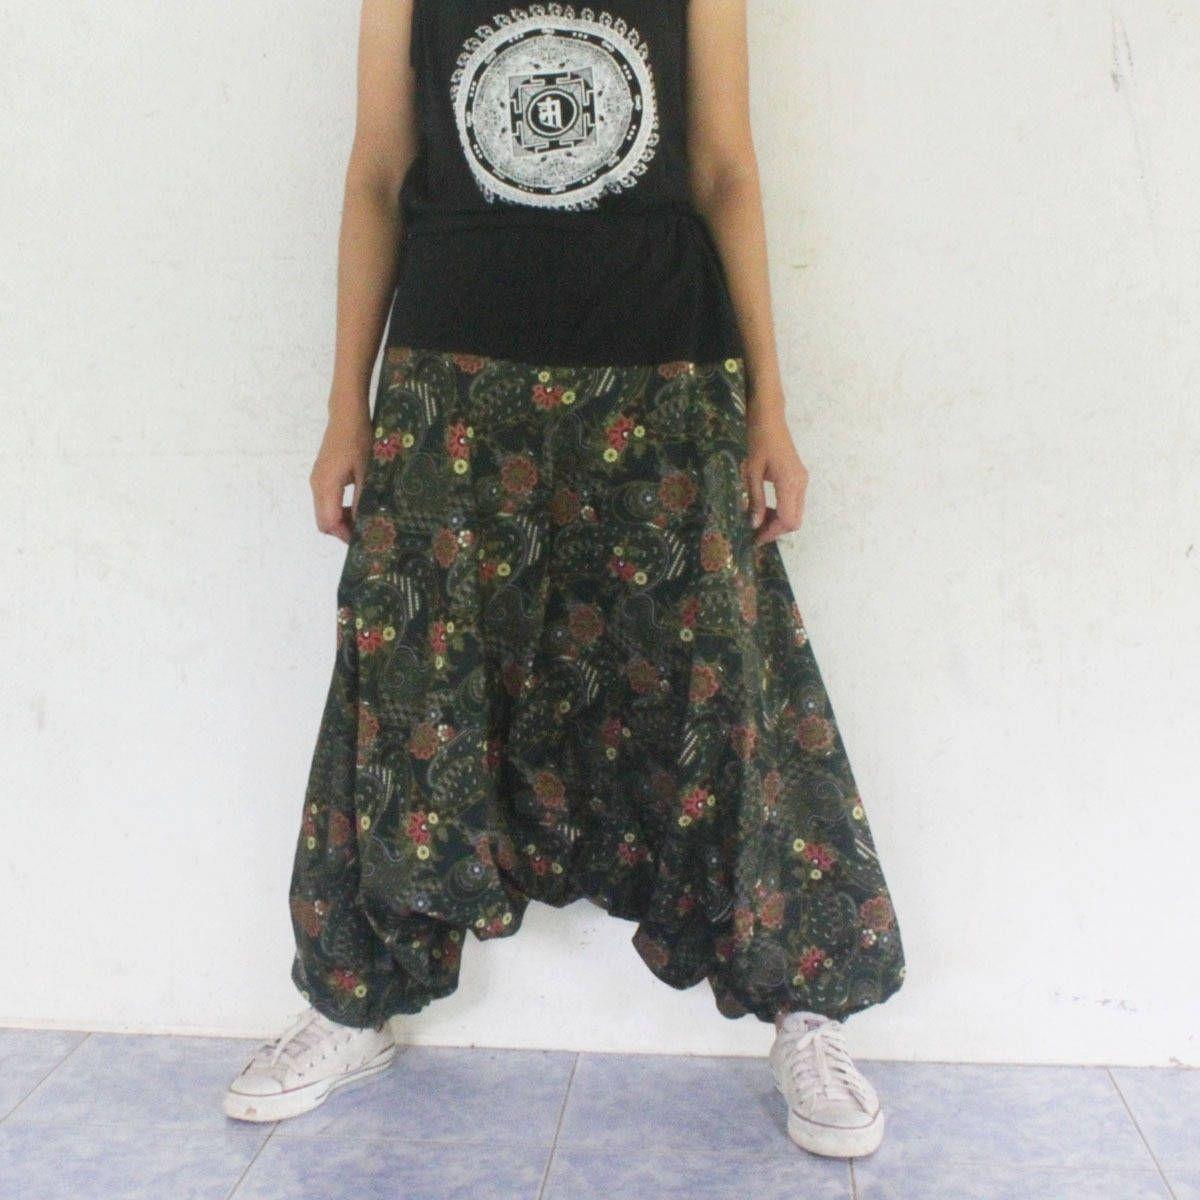 4629feb12d Unisex harem pants Thai batik , harem pants , size S-XL,unisex pants ,boho,hippie,spa,yoga by meatballtheory on Etsy